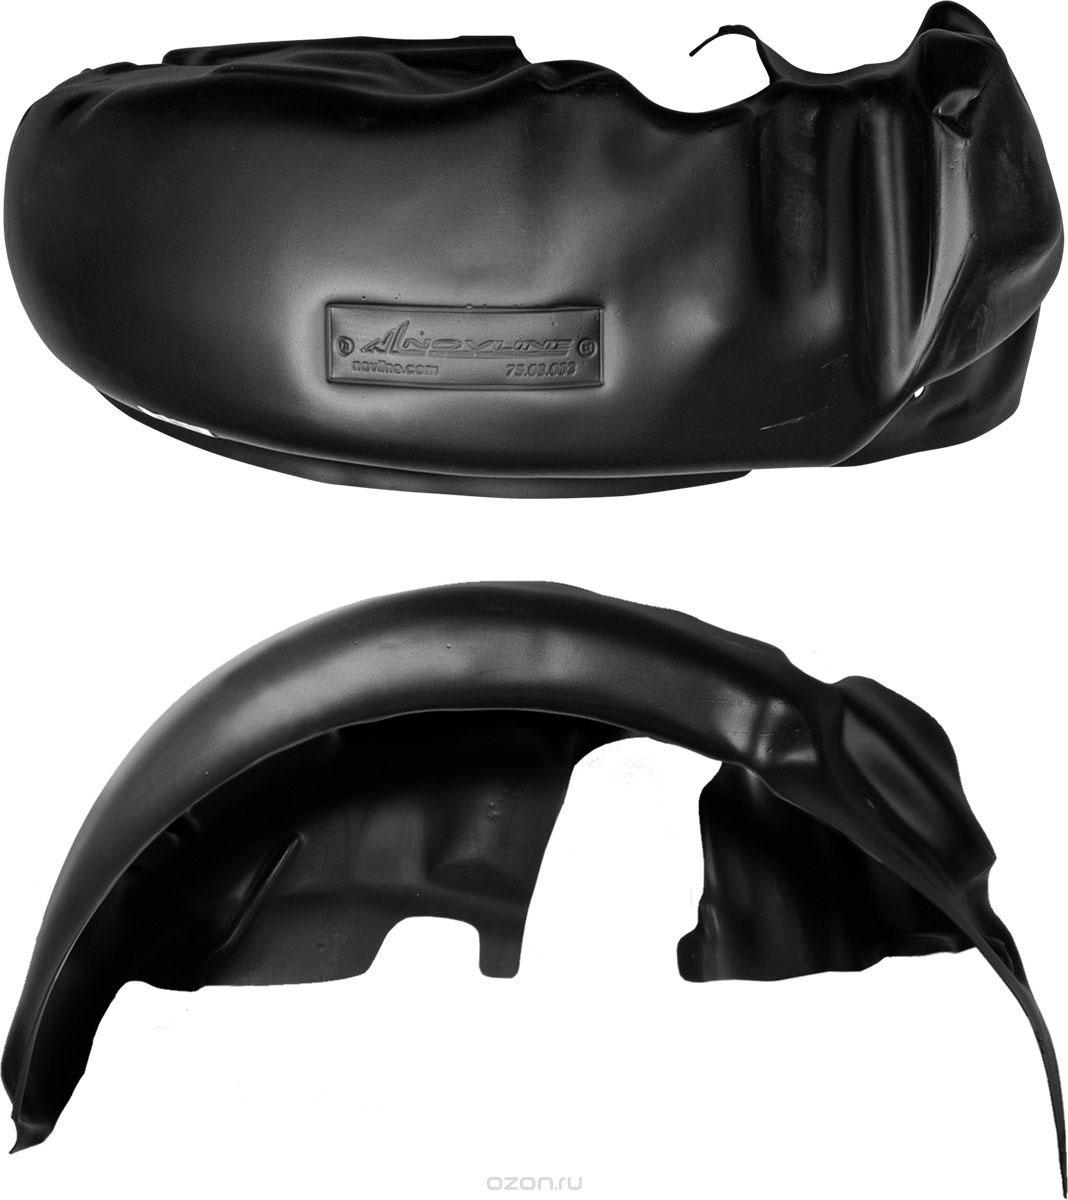 Подкрылок Novline-Autofamily, для RAVON Nexia R3, 2016->, задний левый234100Идеальная защита колесной ниши. Локеры разработаны с применением цифровых технологий, гарантируют максимальную повторяемость поверхности арки. Изделия устанавливаются без нарушения лакокрасочного покрытия автомобиля, каждый подкрылок комплектуется крепежом. Уважаемые клиенты, обращаем ваше внимание, что фотографии на подкрылки универсальные и не отражают реальную форму изделия. При этом само изделие идет точно под размер указанного автомобиля.